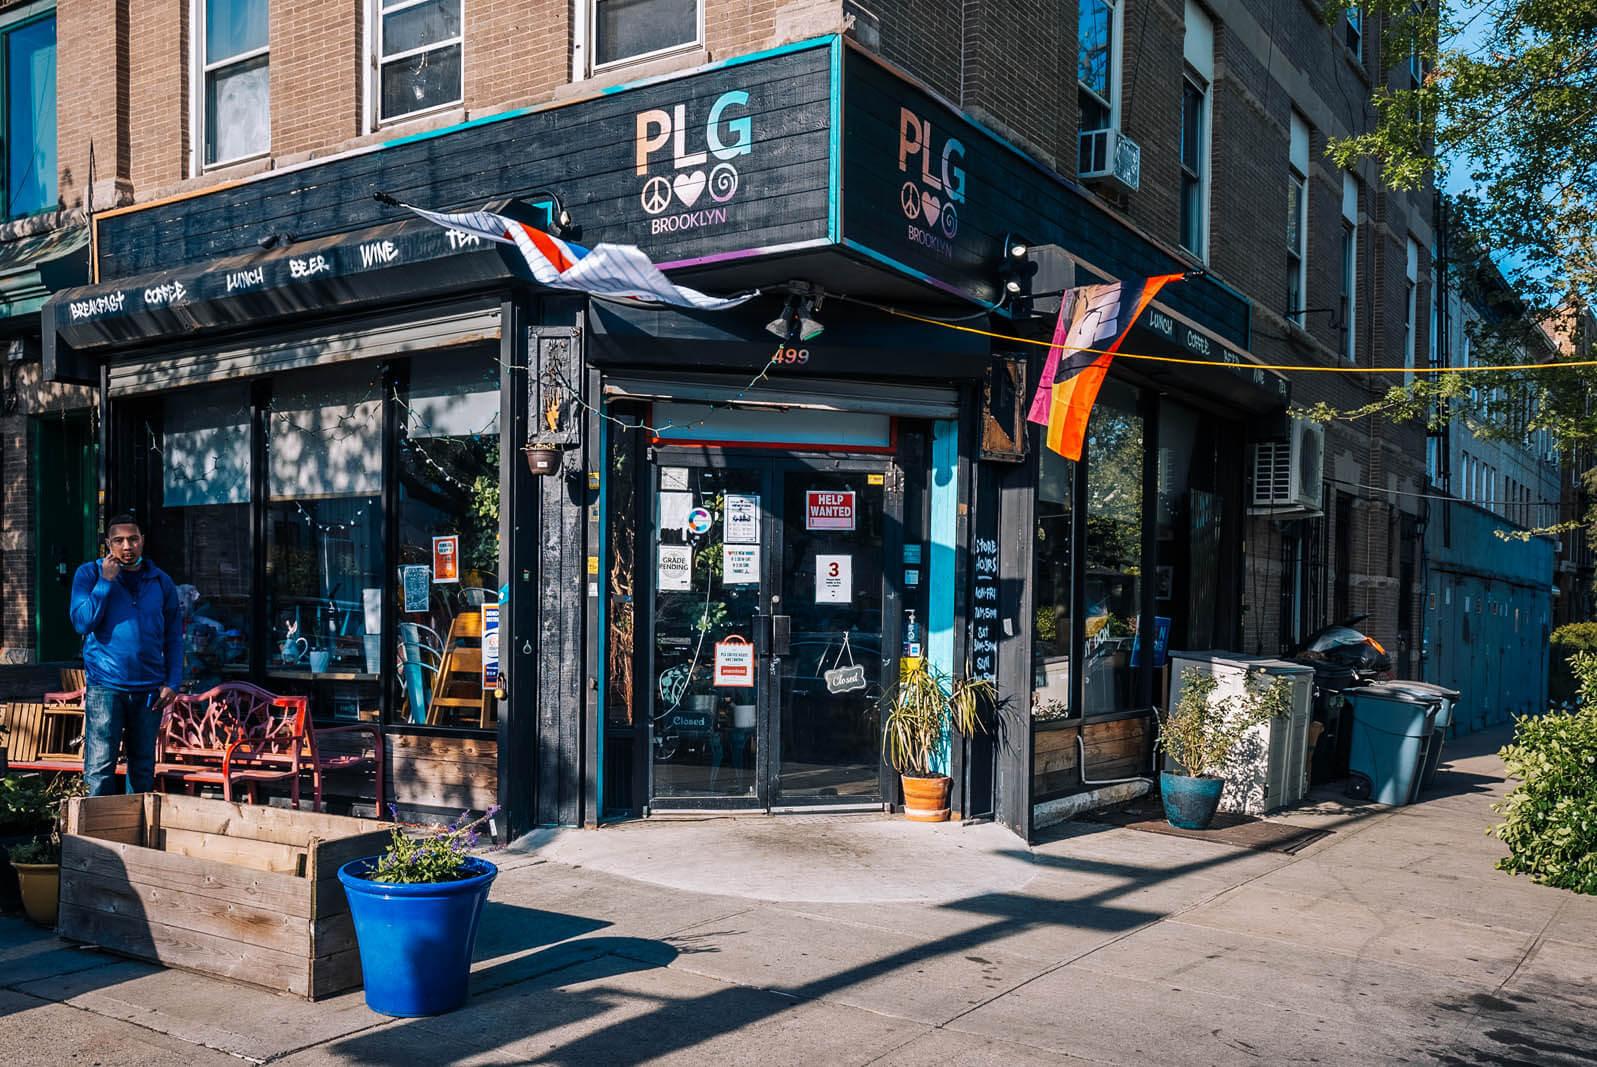 PLG Coffee House in Prospect Lefferts Gardens Brooklyn